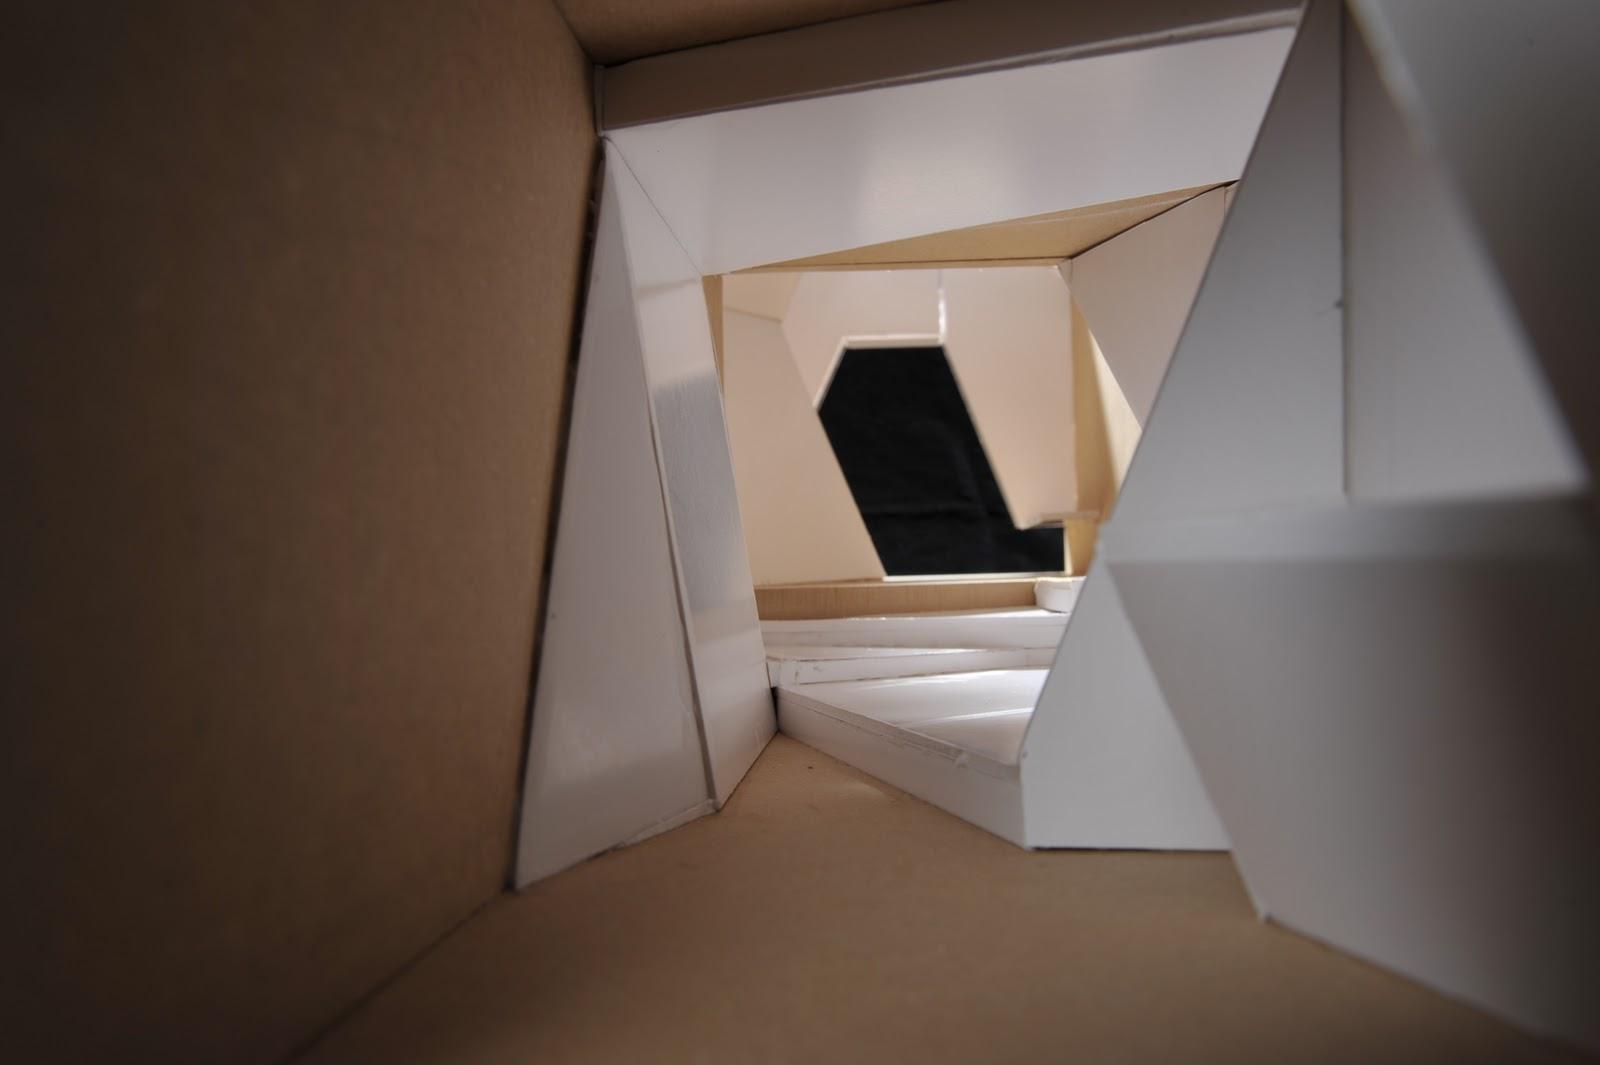 Thierry interieur architectuur for Interieur architectuur